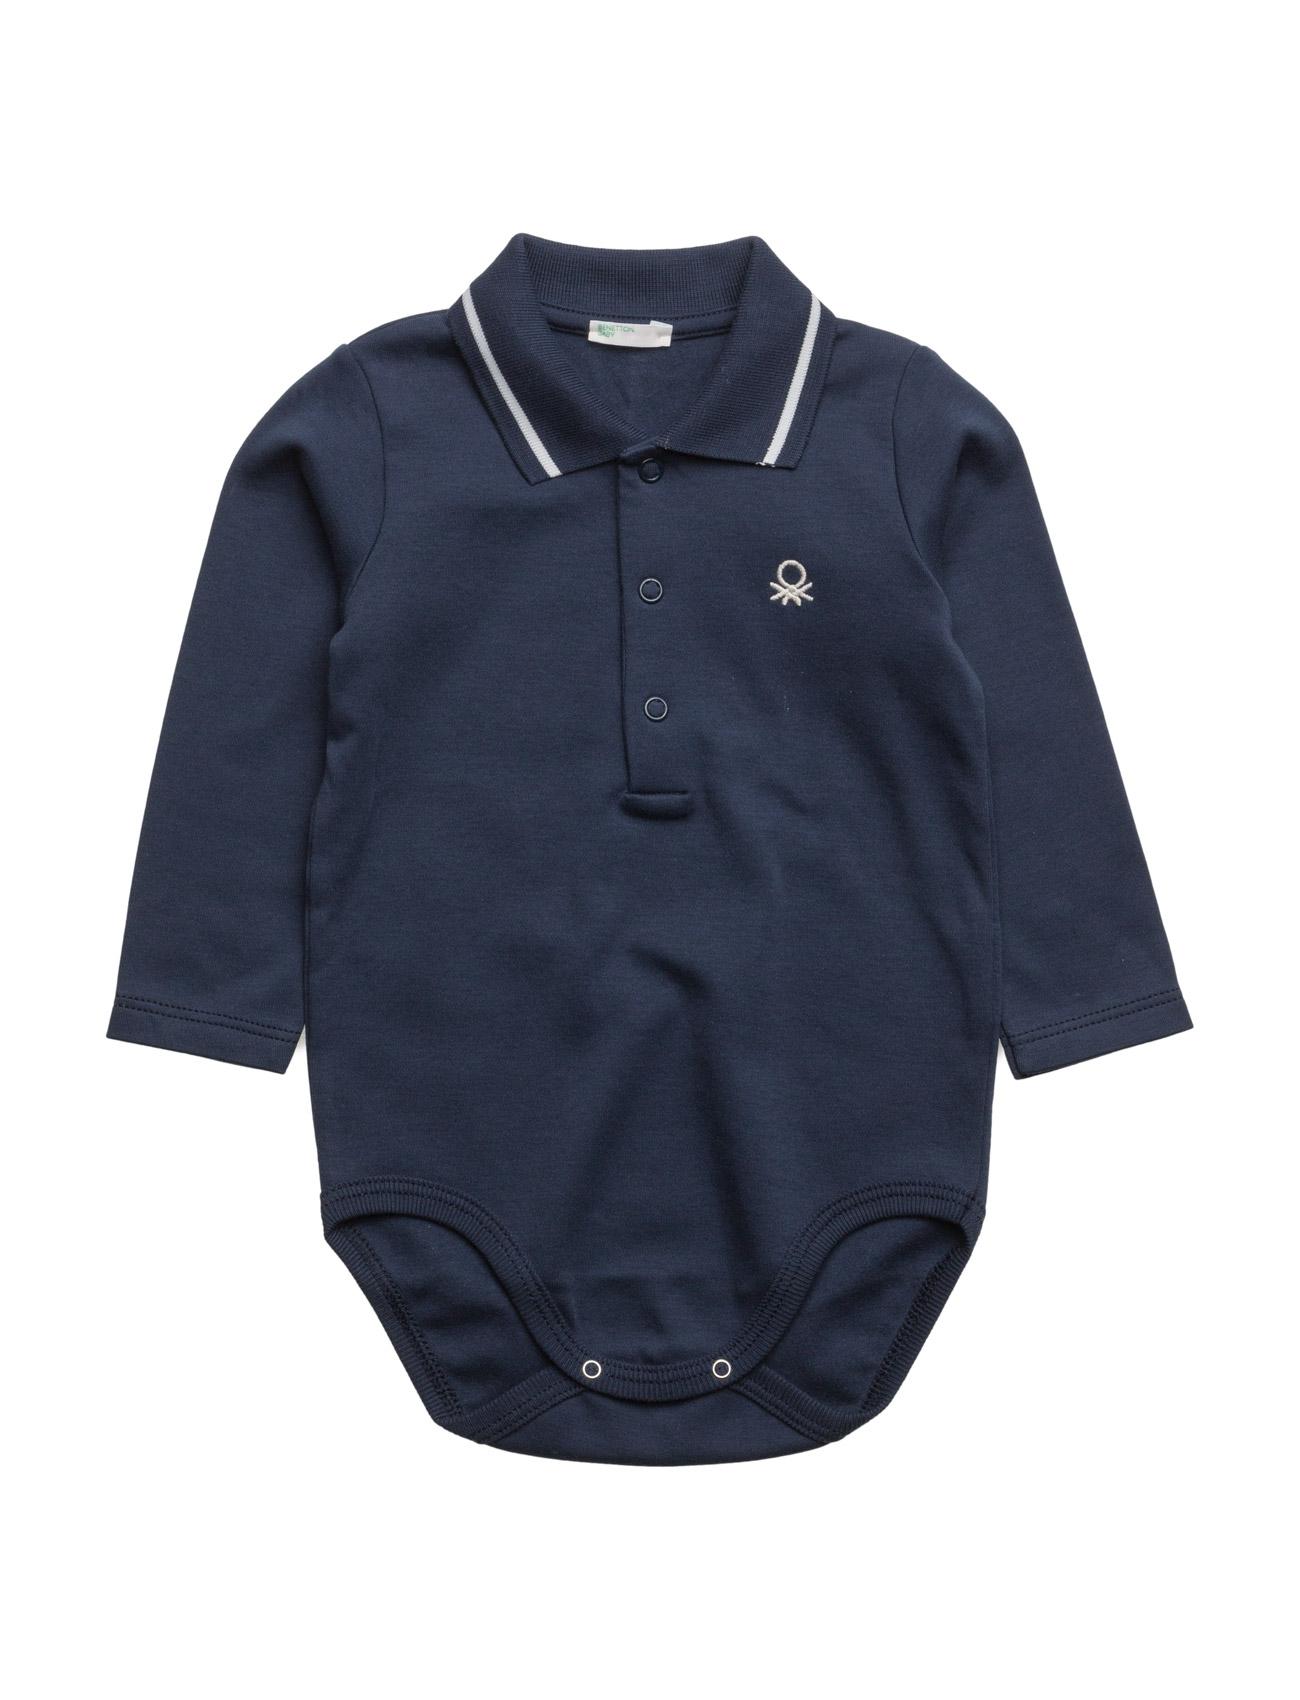 Bodysuit United Colors of Benetton Langærmede bodies til Børn i Navy blå